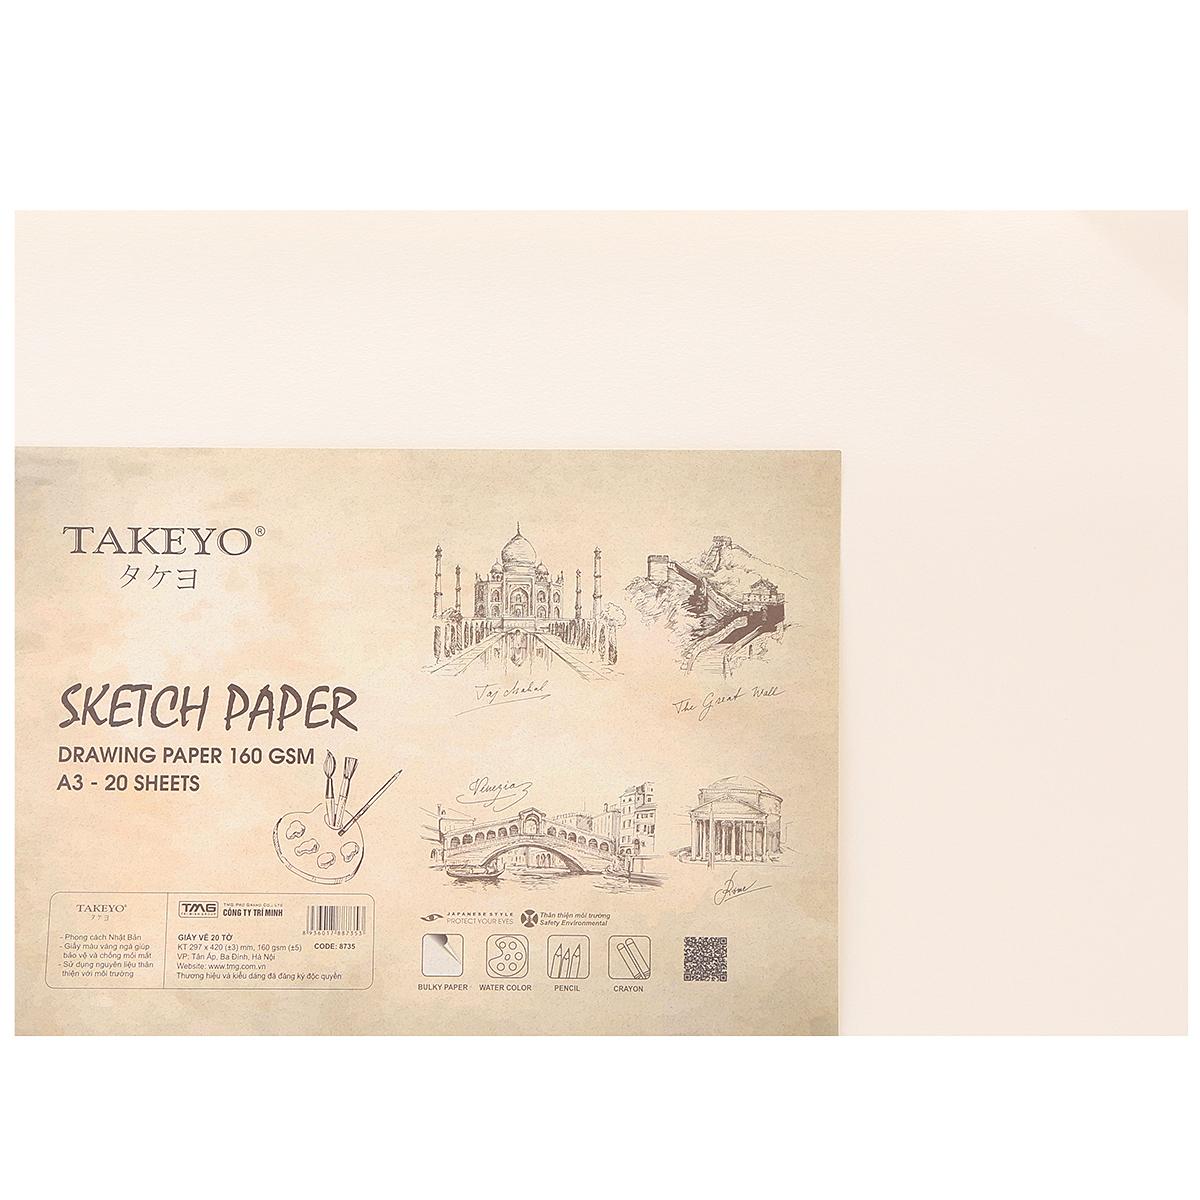 Giấy Vẽ Takeyo 8735 A3 - 20 Tờ DL160G - Giao Mẫu Ngẫu Nhiên